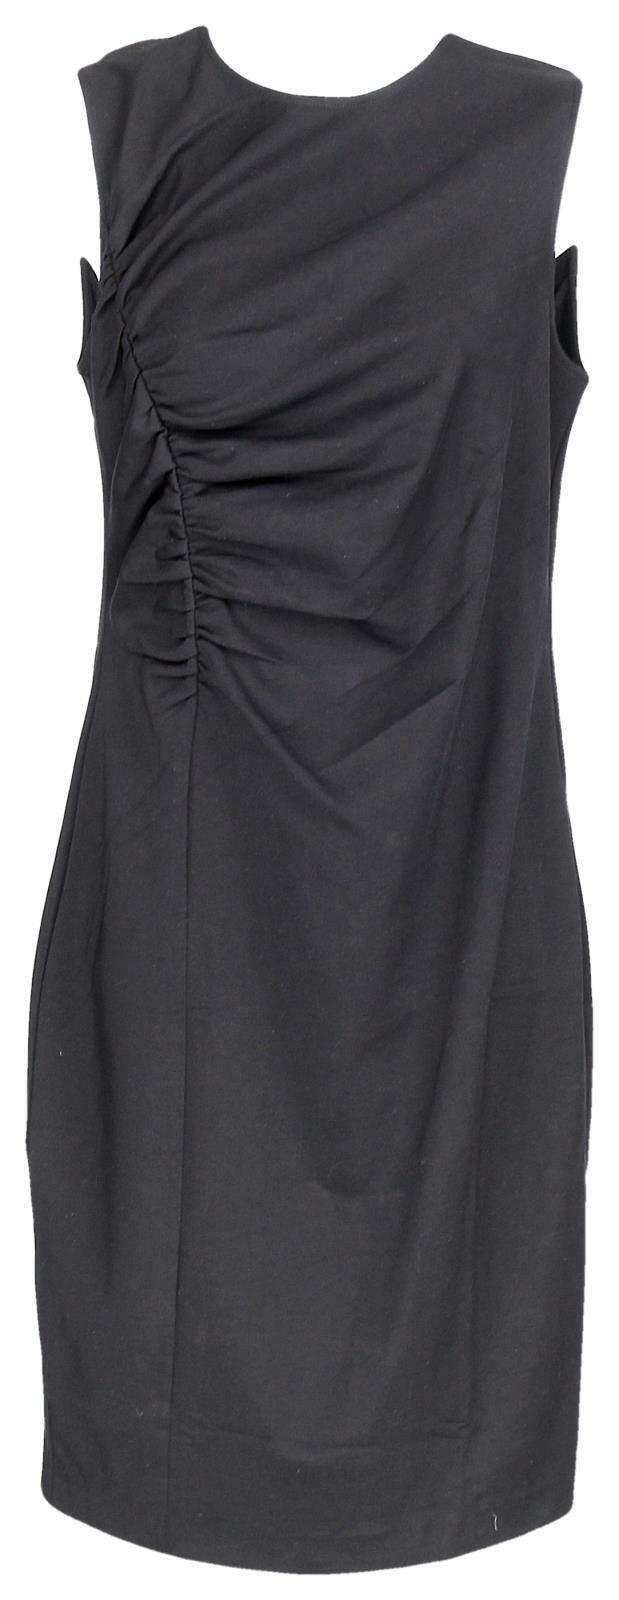 J Crew Woherren Ruched Ponte Sheath Dress Wear to Work Suiting schwarz LBD 6 K2197